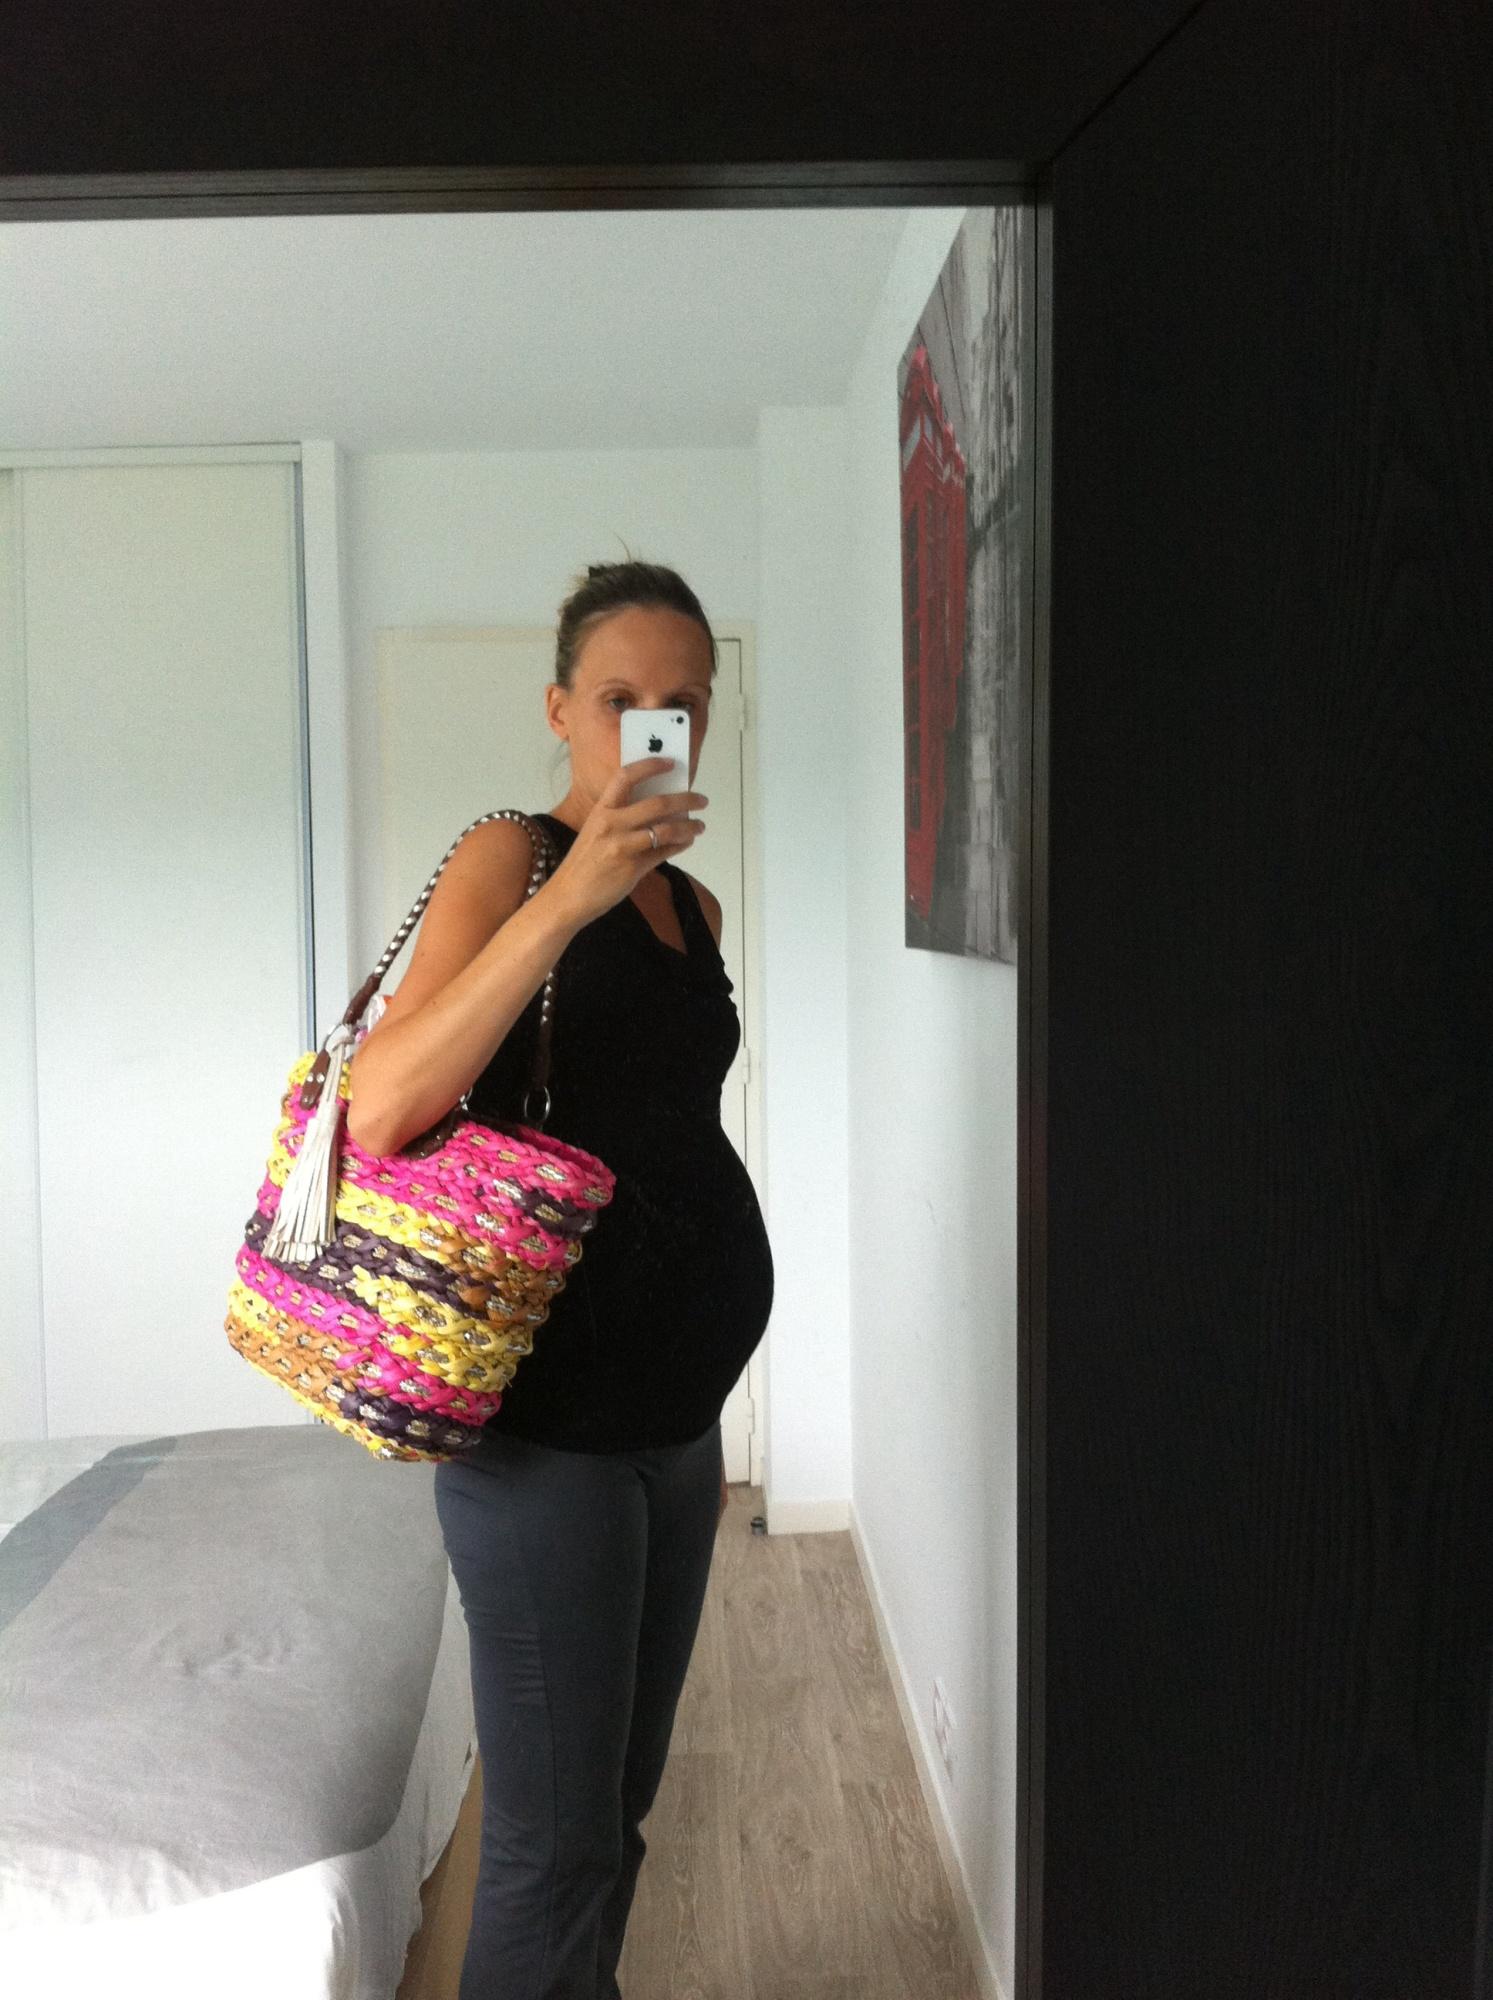 Mon 1Er Cours De Préparation À L'accouchement En Piscine ... avec Préparation Accouchement Piscine